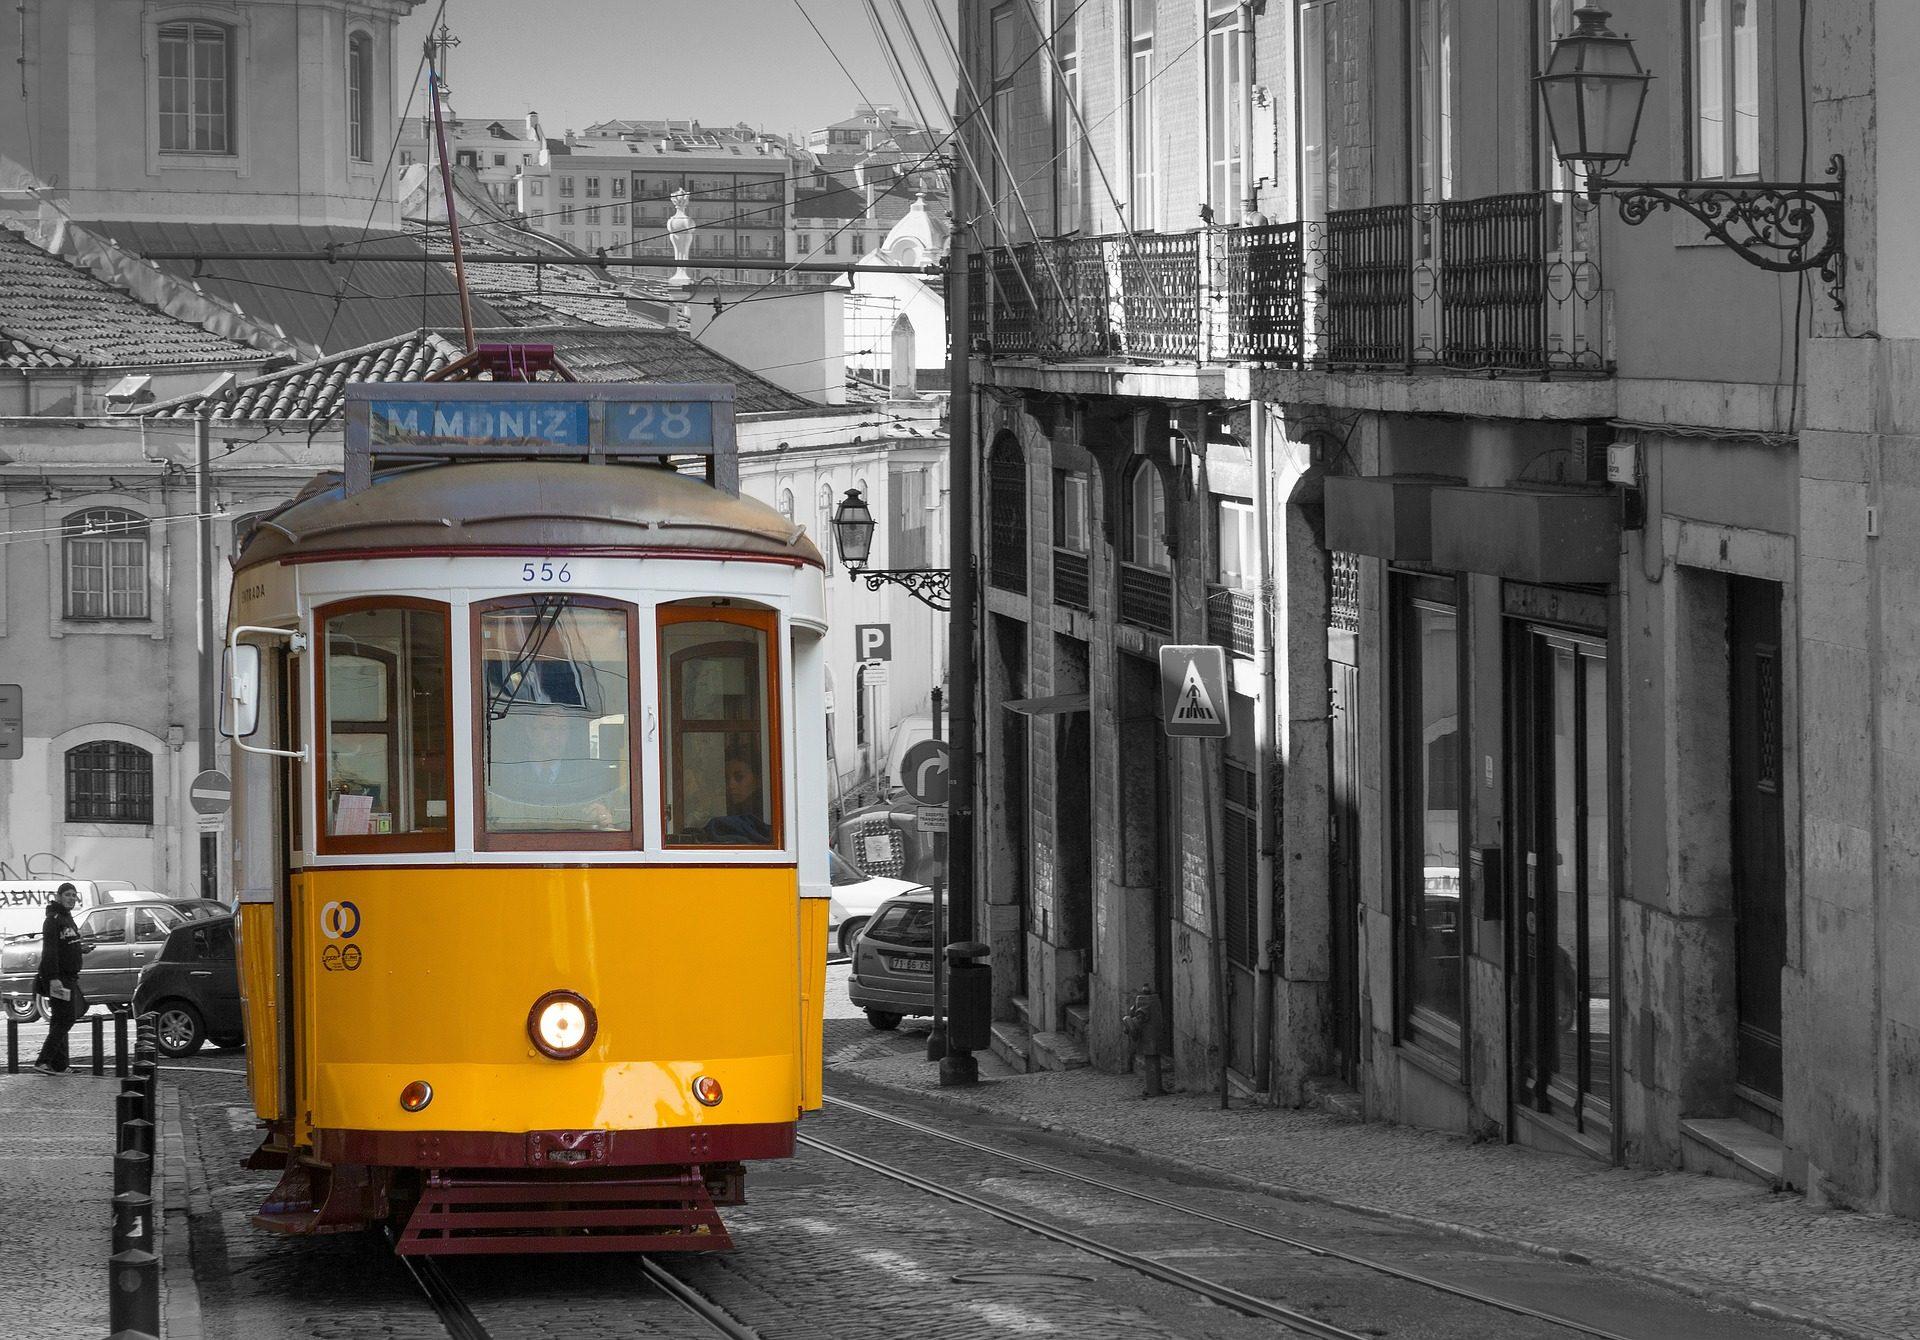 Трамвай, Рельсы, Улица, Город, Лиссабон, Португалия, в черно-белом - Обои HD - Профессор falken.com